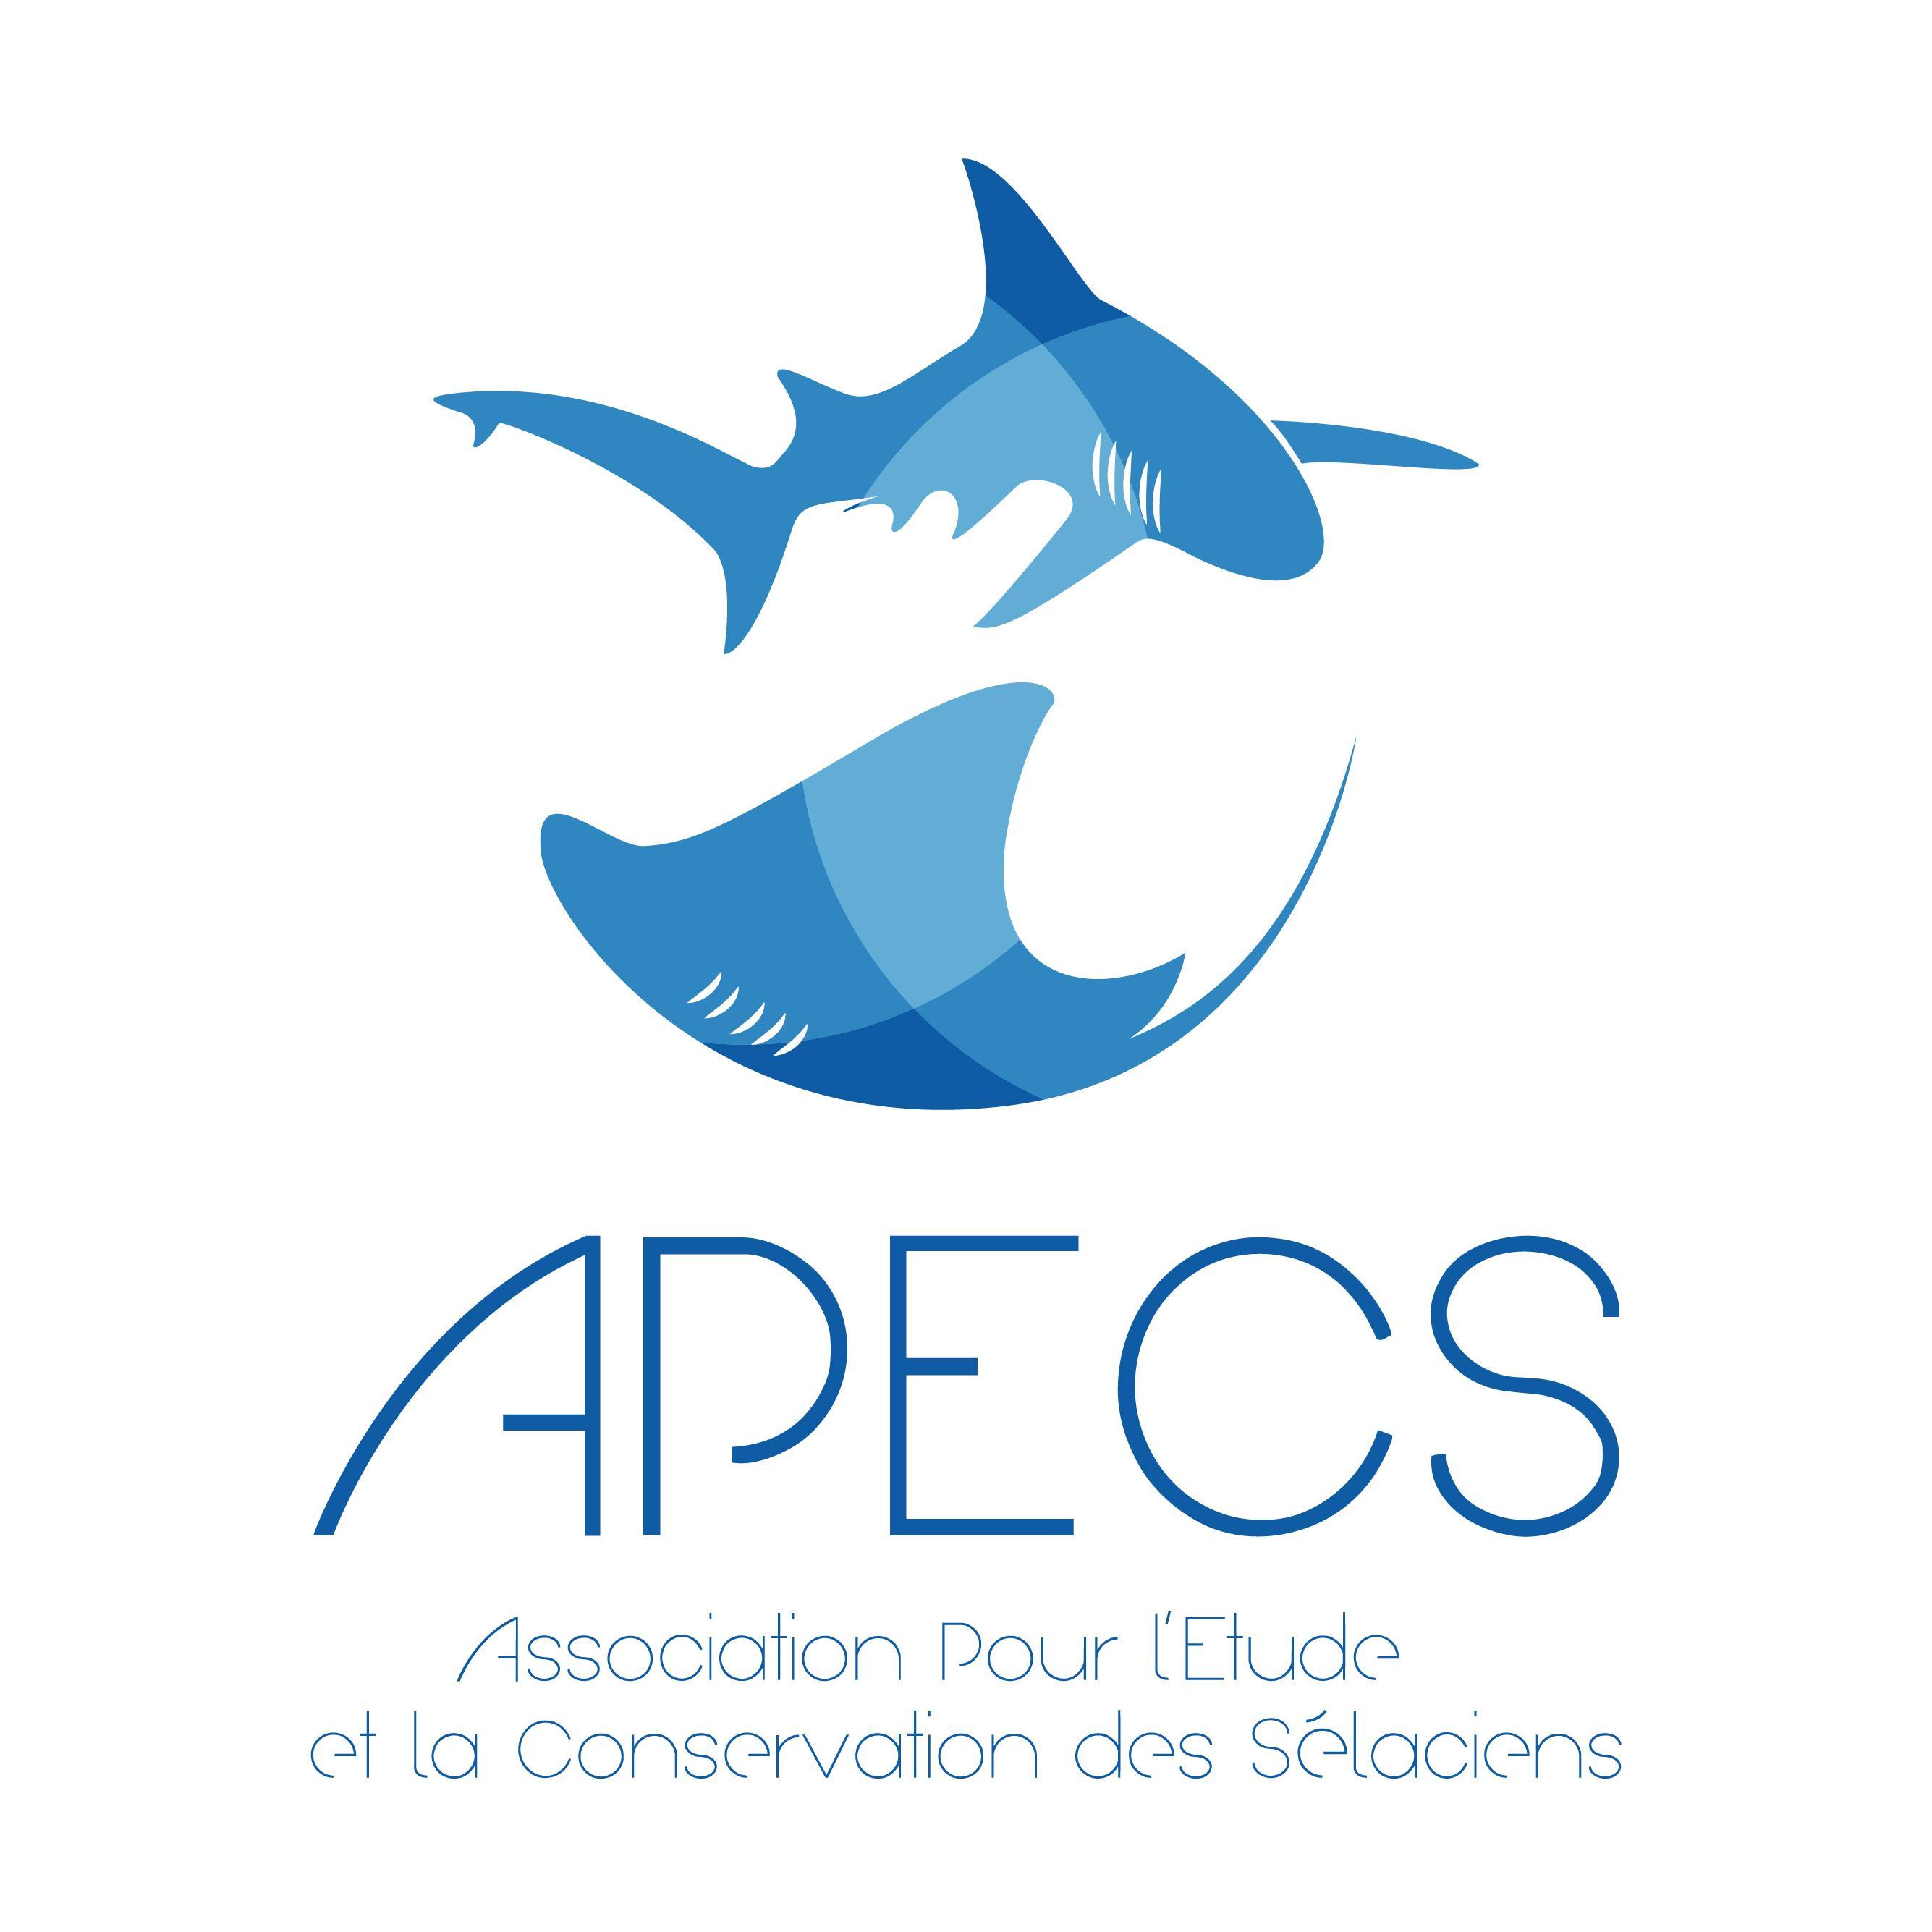 Association Pour l'Etude et la Conservation des Selaciens (APECS) logo